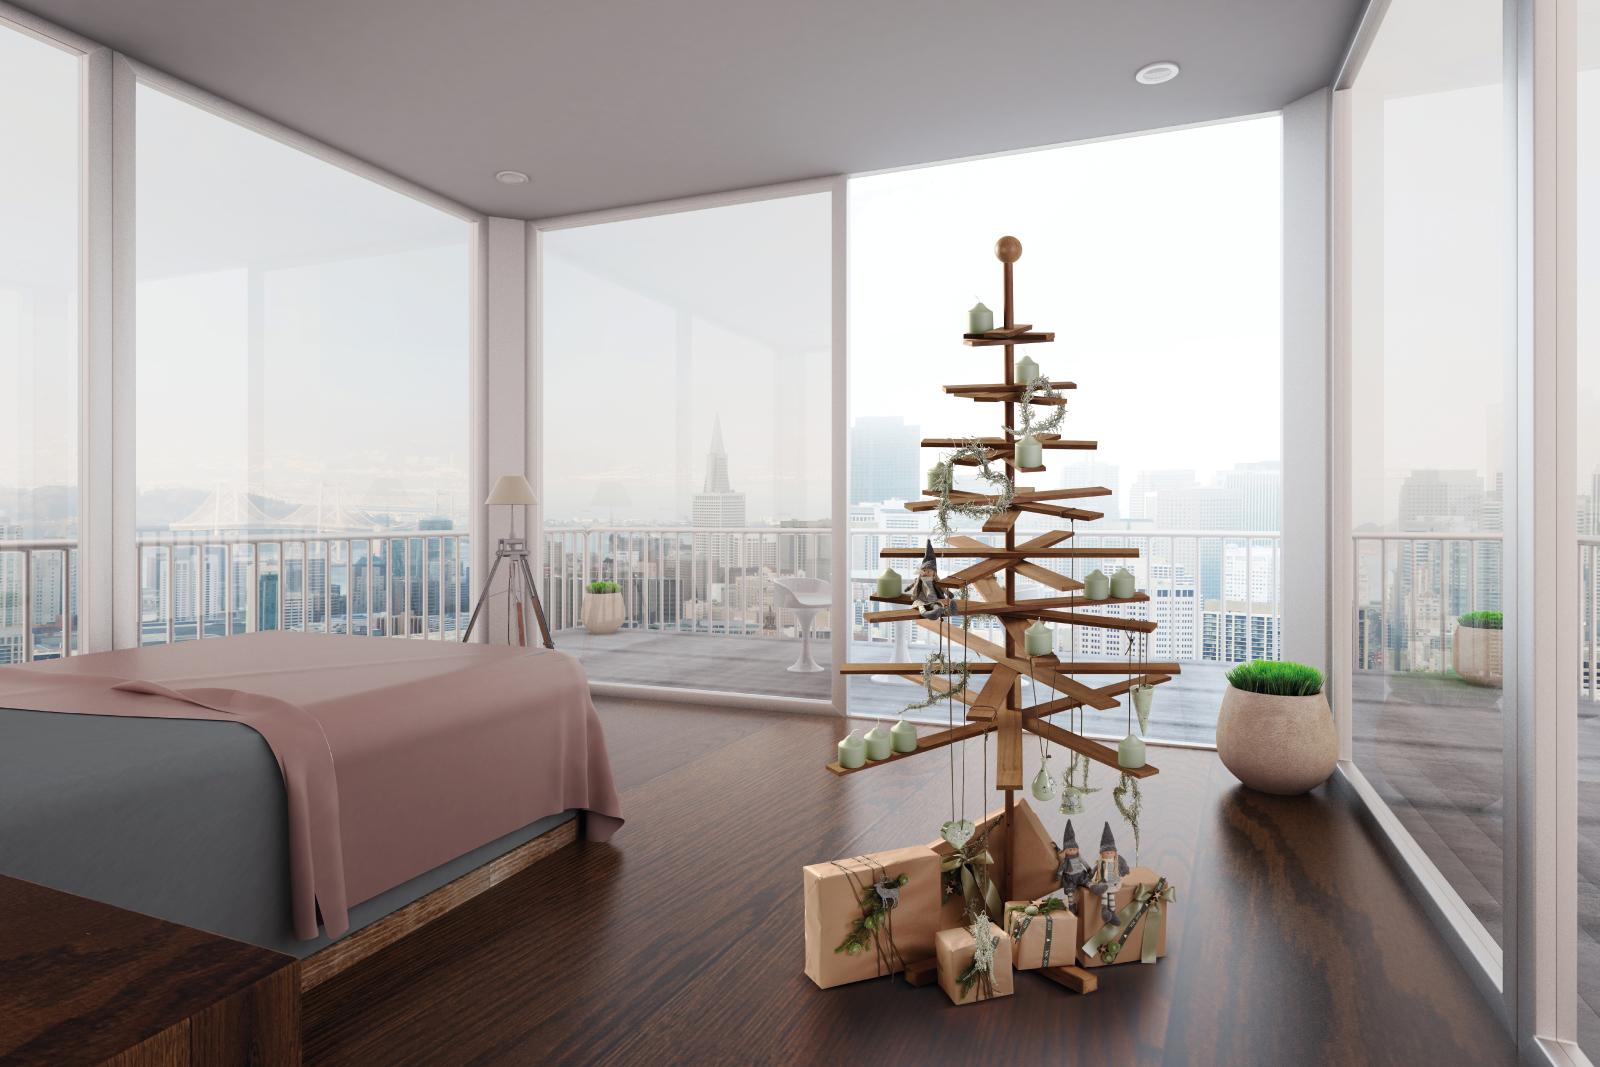 Alternative Zum Weihnachtsbaum skandinavischer designer weihnachtsbaum aus holz habitree